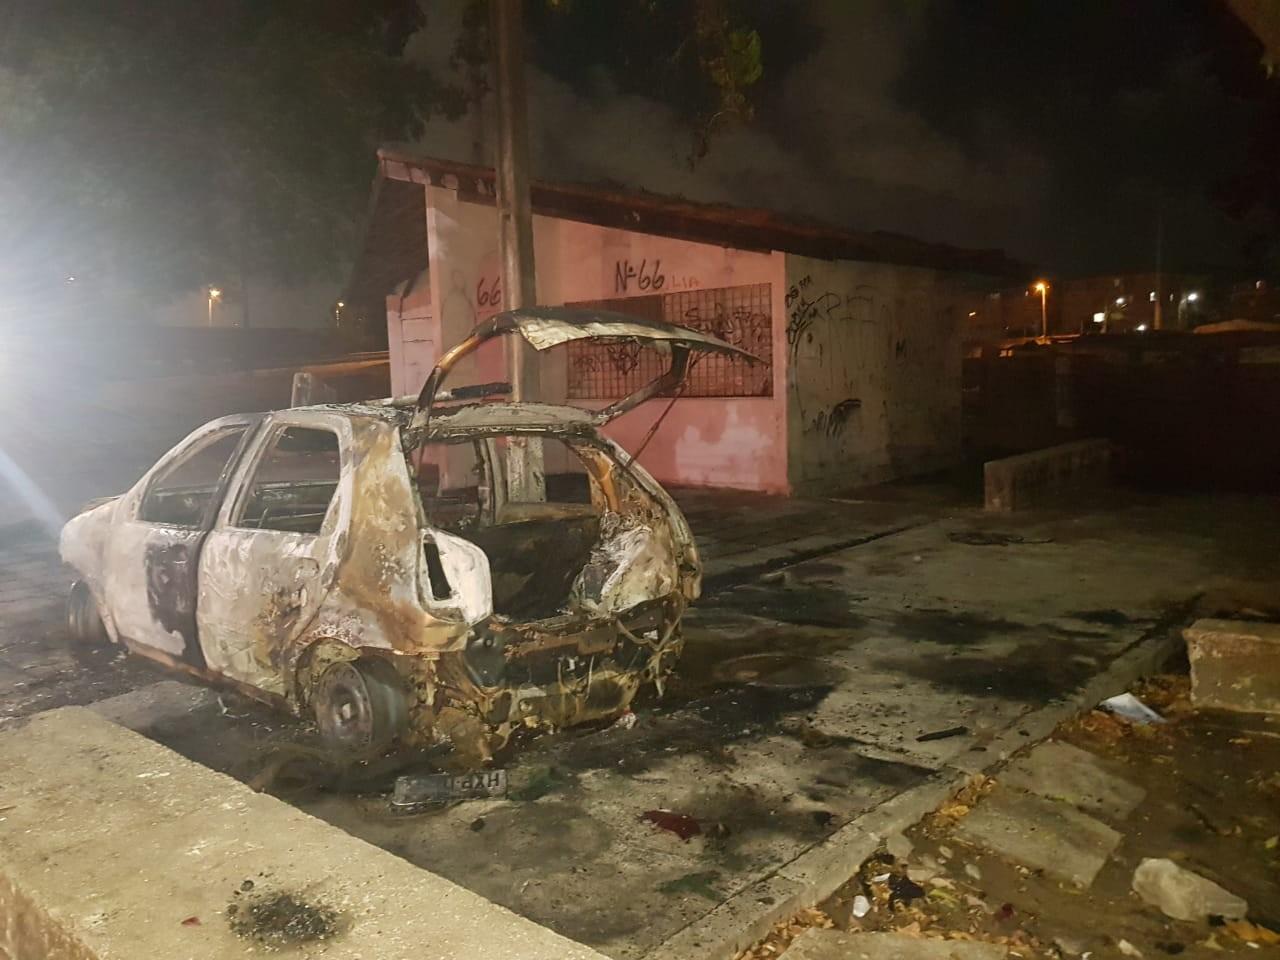 Borracharia e carro de suspeito de atirar em vendedora são incendiados na comunidade do Lagamar, em Fortaleza